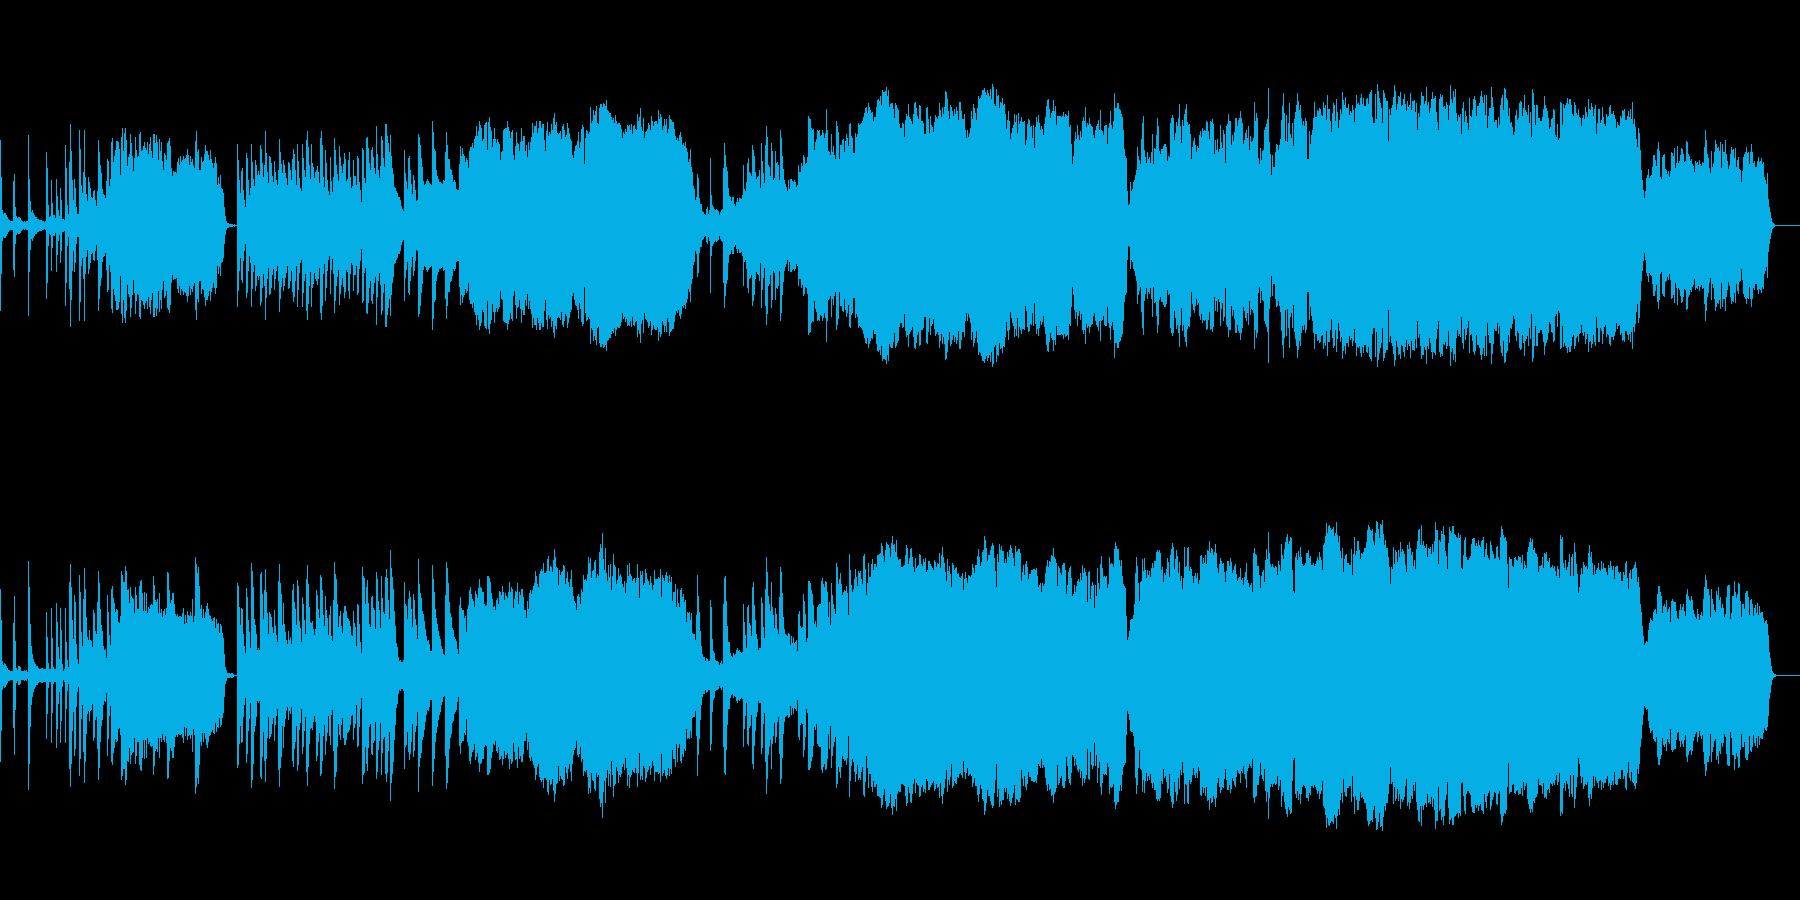 悲しい雰囲気の曲(チェロのソロあり)の再生済みの波形